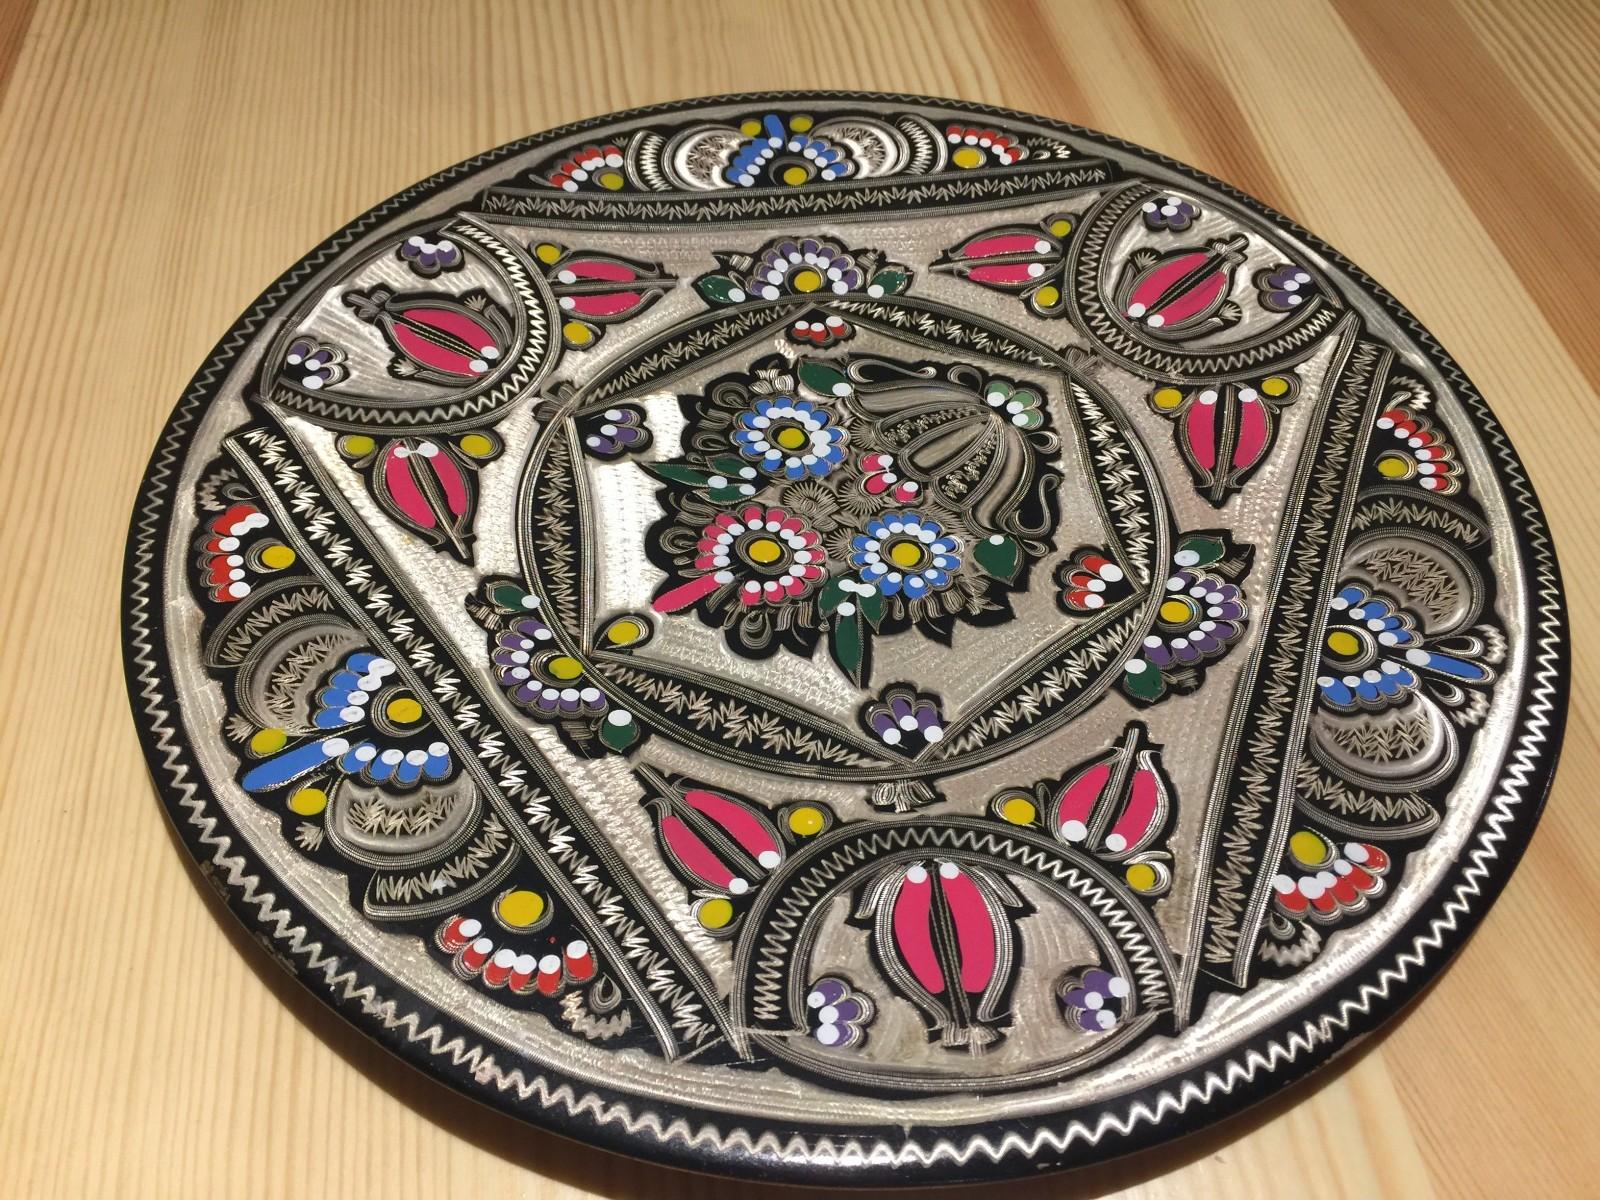 土耳其精品工艺彩盘 家居装饰 摆件图片三